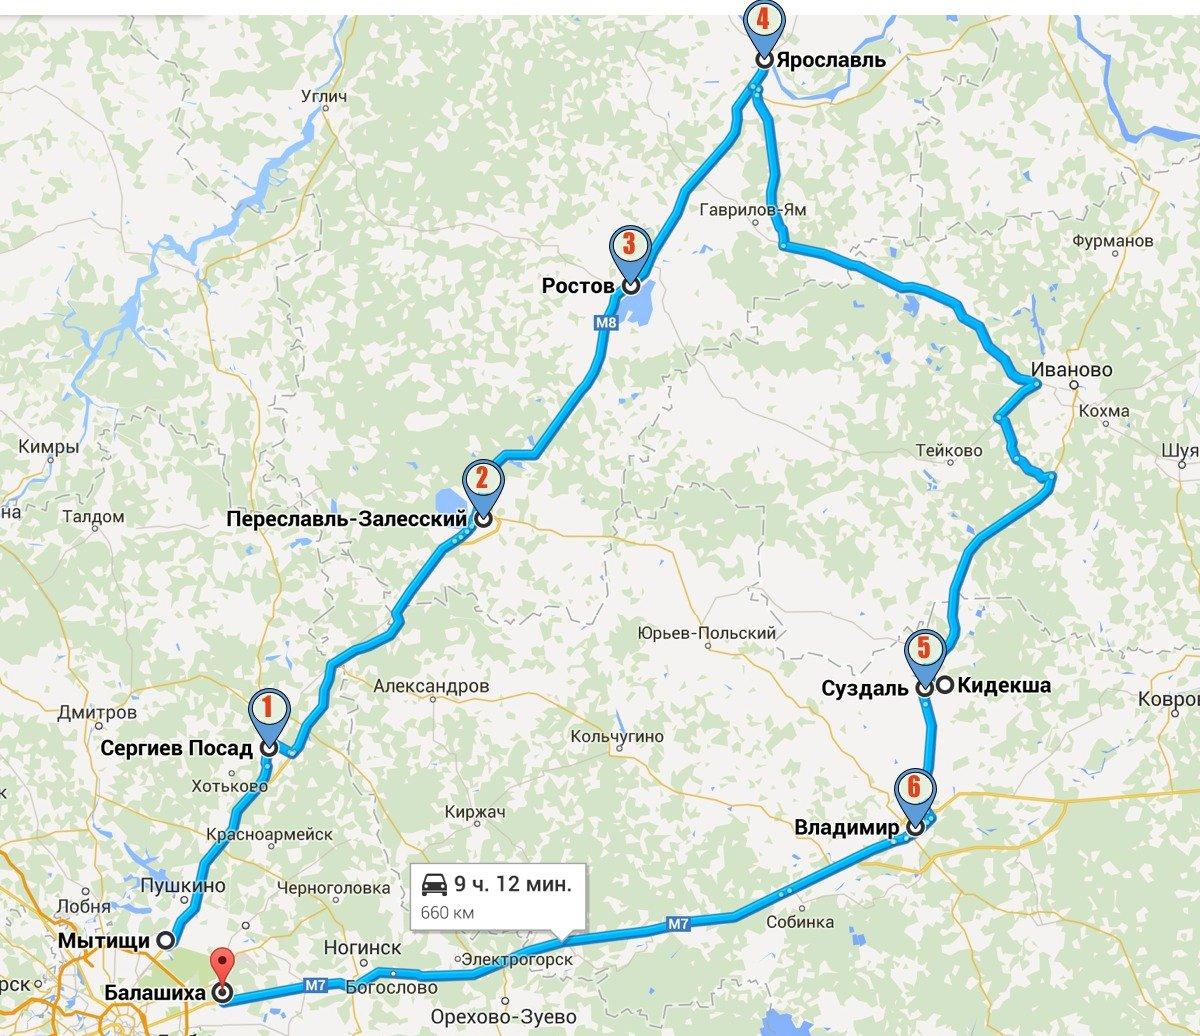 Как правильно рассчитать маршрут при автоперевозках